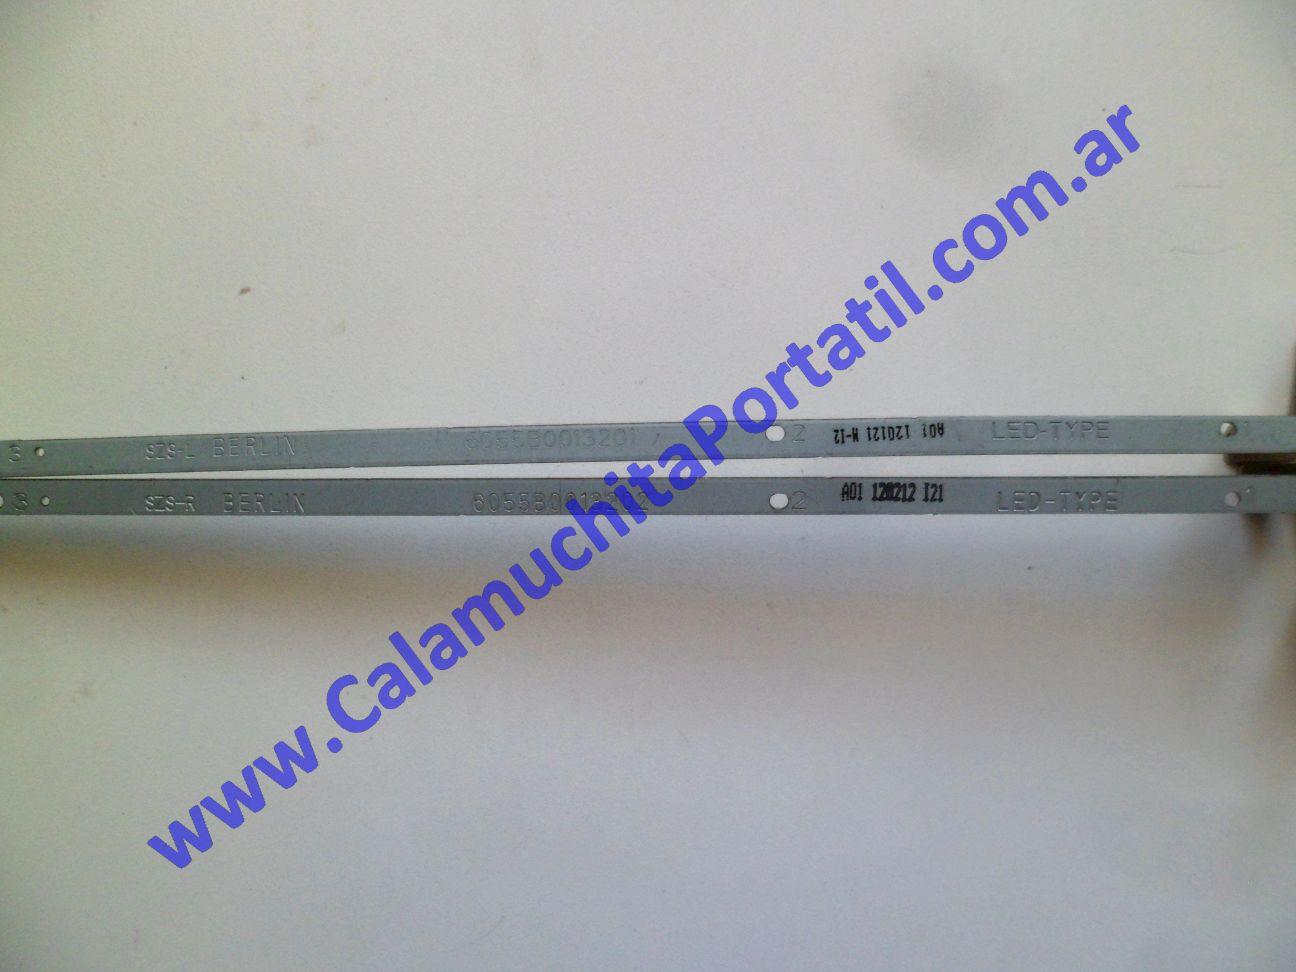 0523LBI Bisagras Toshiba Satellite C655D-S5529 / PSC0YU-0415M